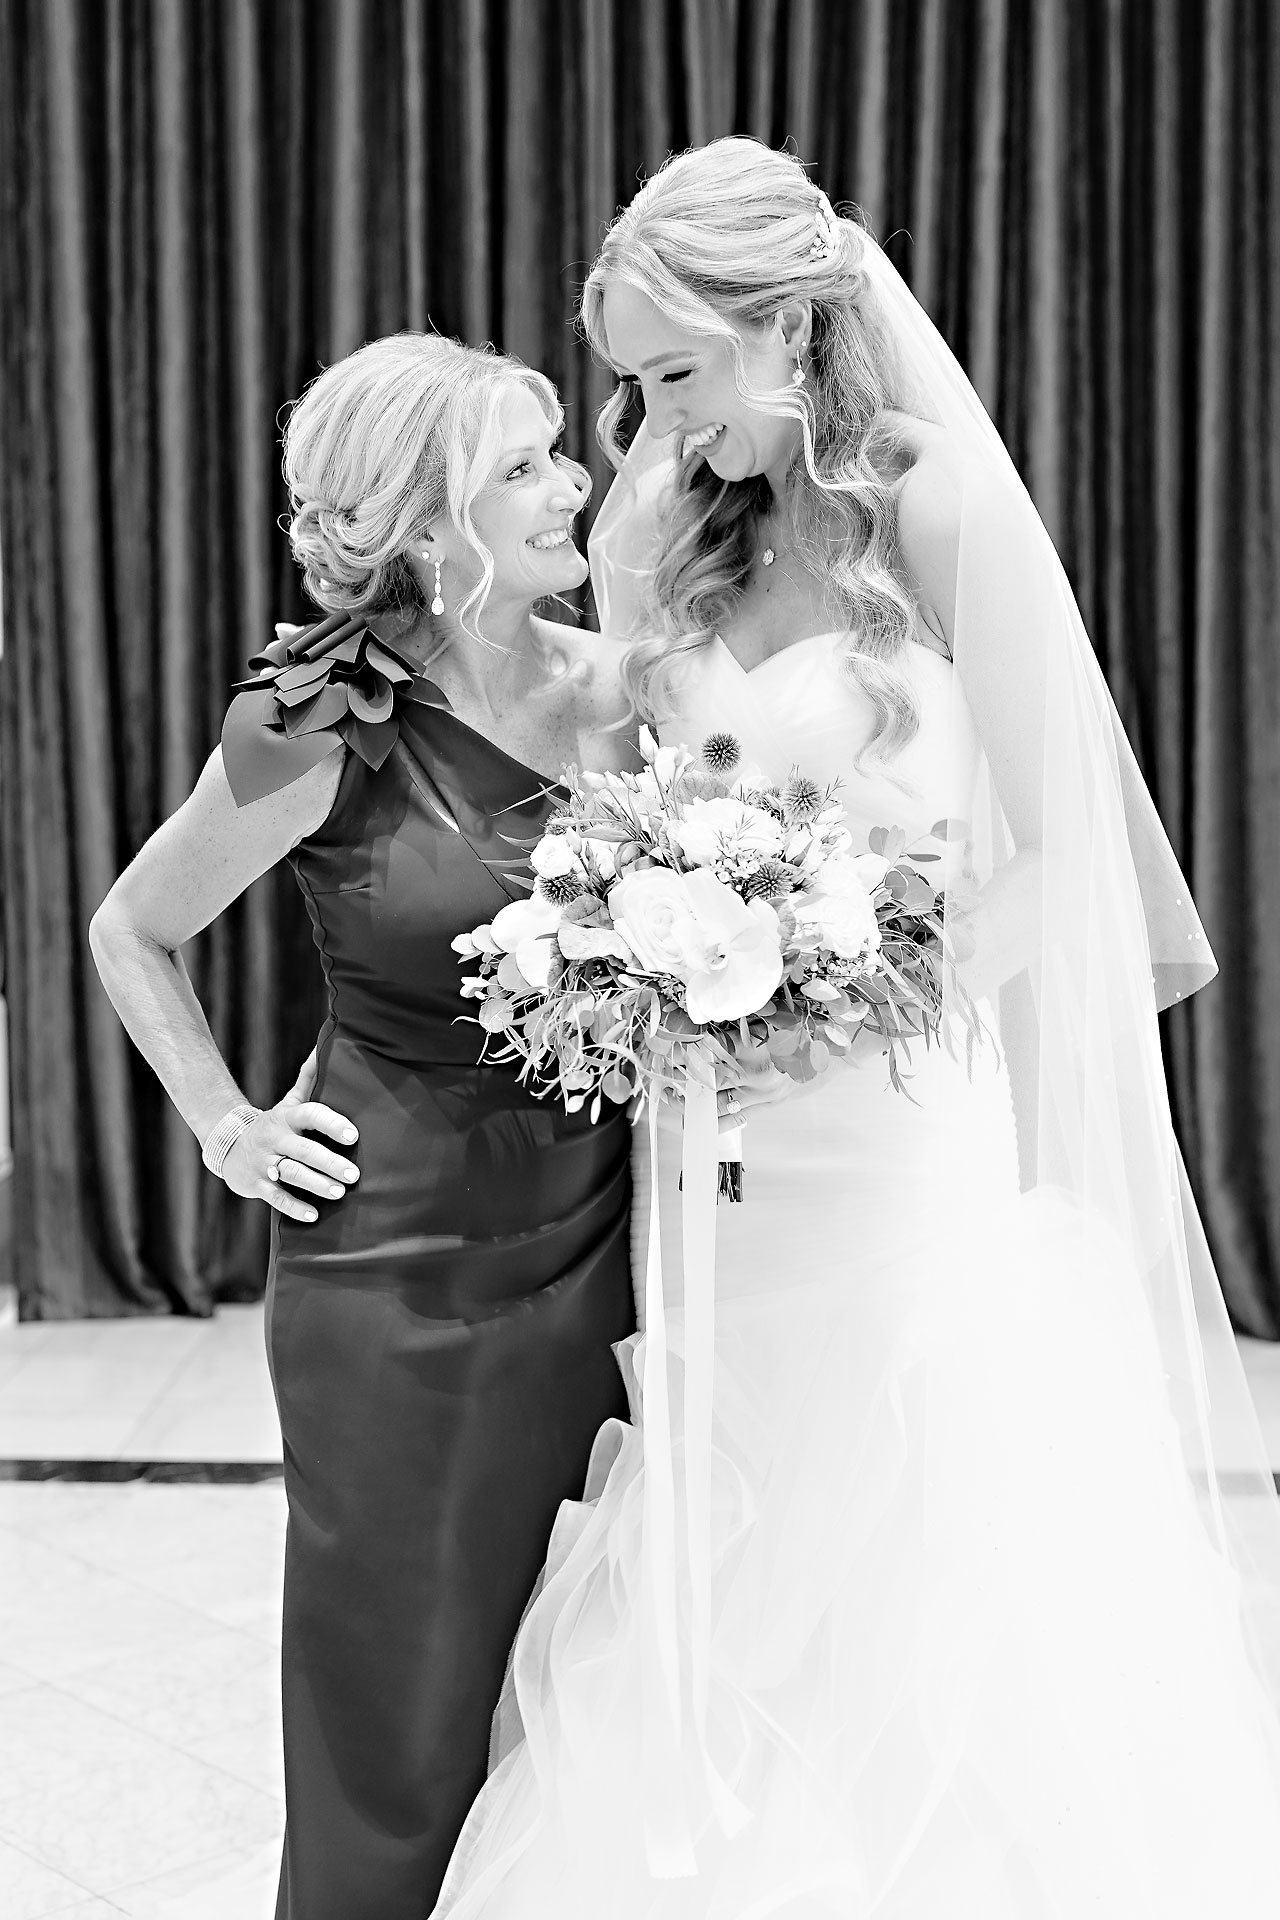 Liz Zach Conrad Artsgarden Indianapolis Wedding 027